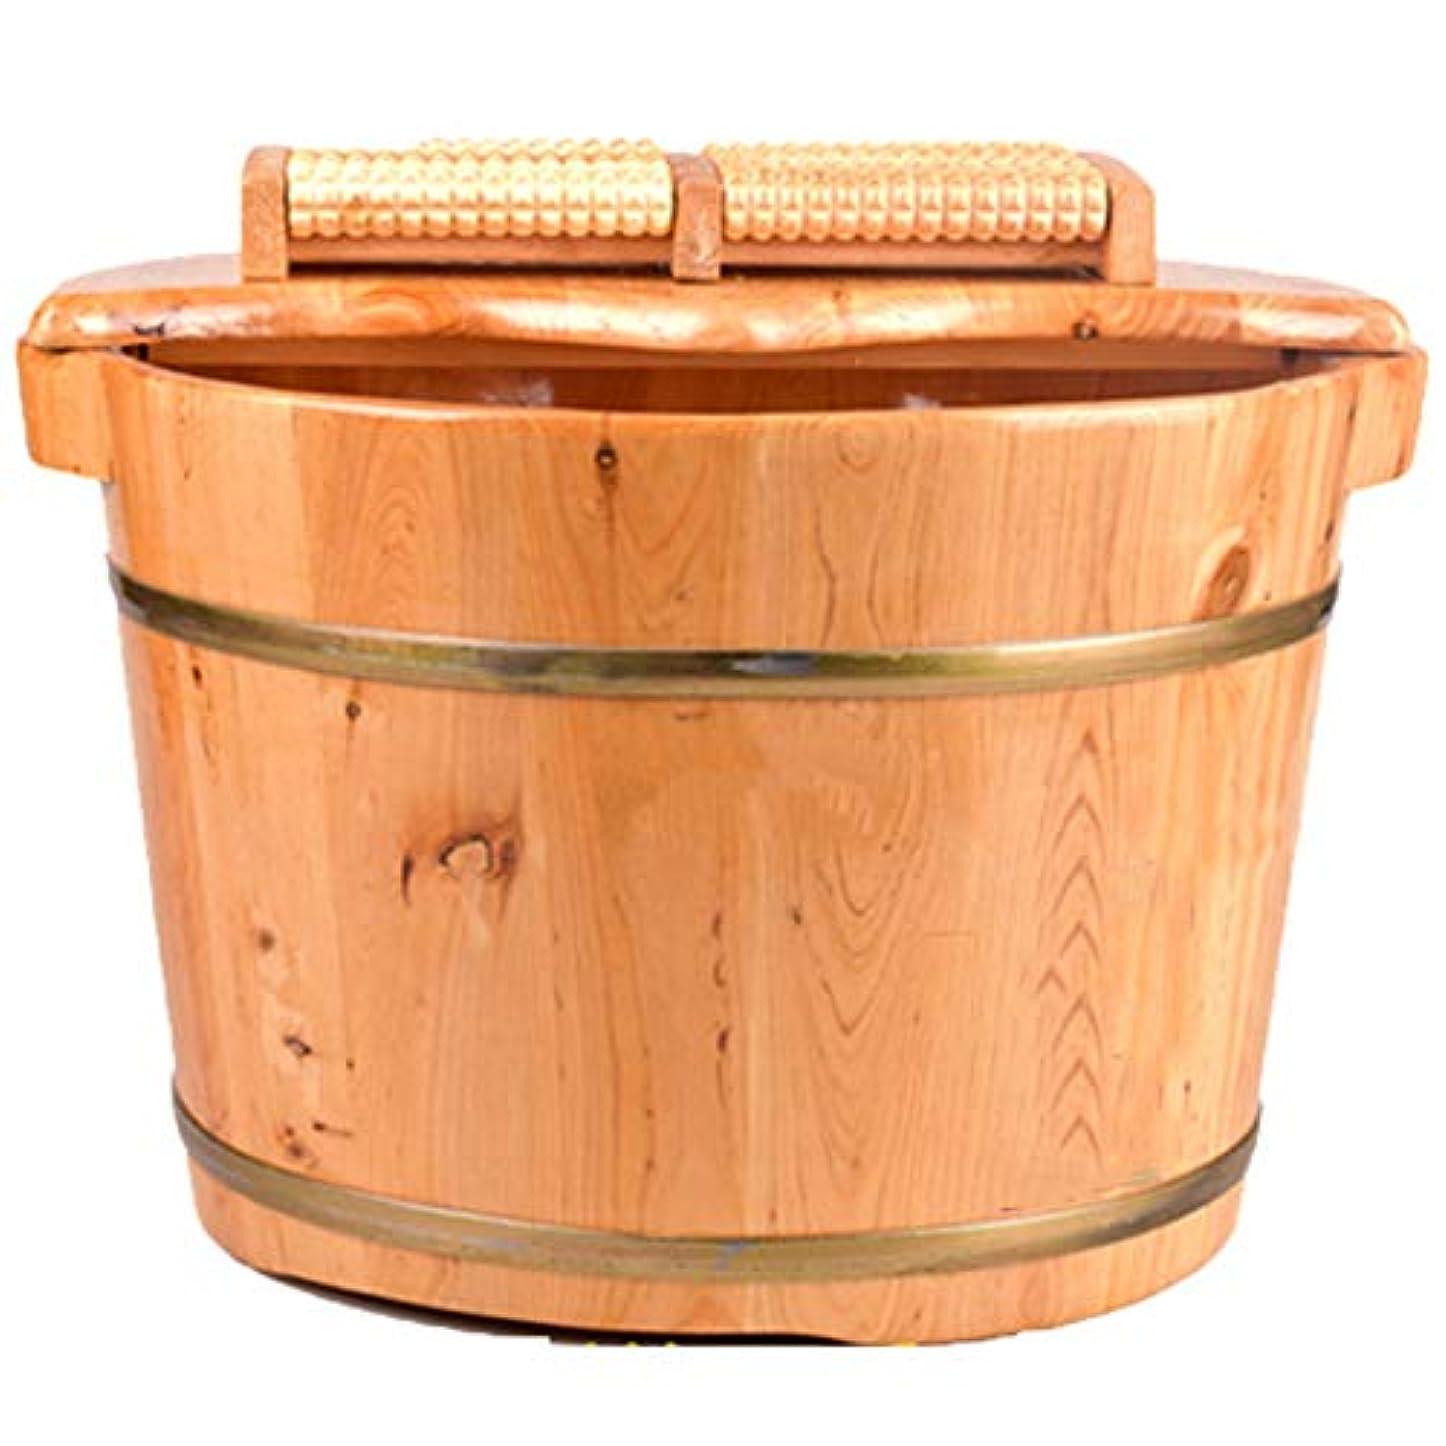 ペディキュア盆地,軽量の木製家庭の木製の樽の足湯バスソリッドウッドの木管大人のトランペット